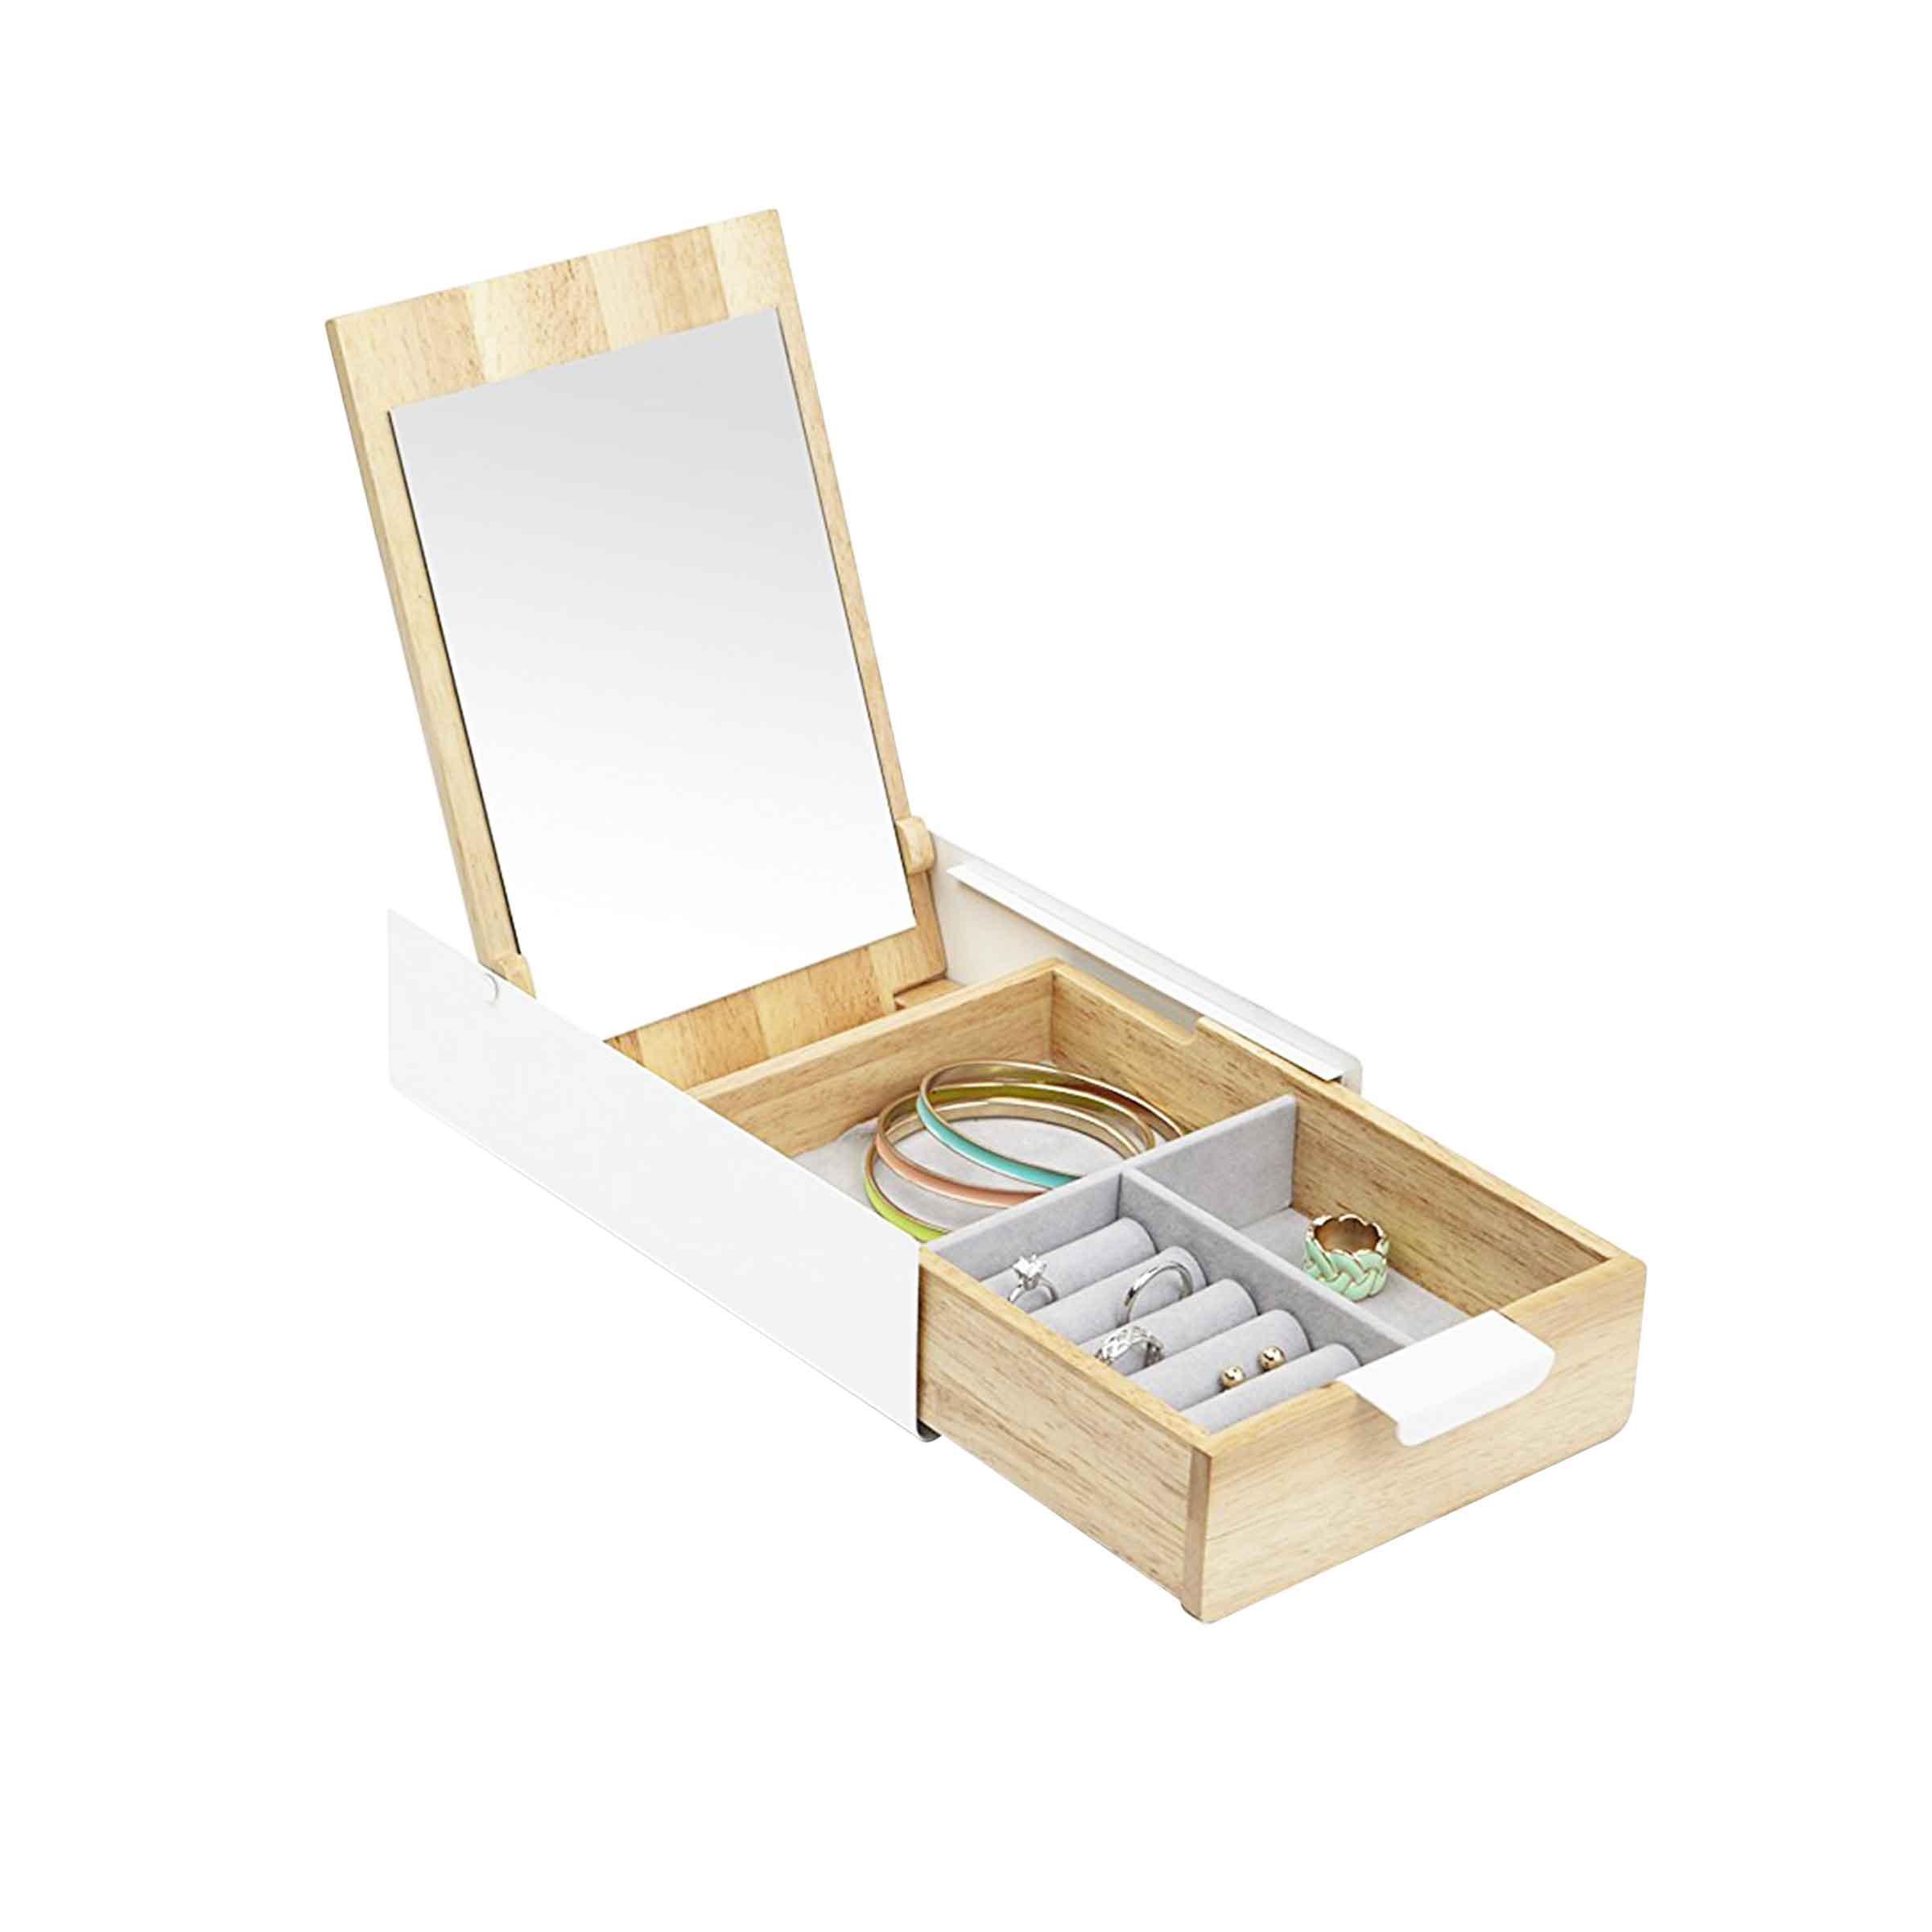 Coffret à bijoux coiffeuse en bois clair et en métal laqué blanc avec 3 compartiments intérieurs